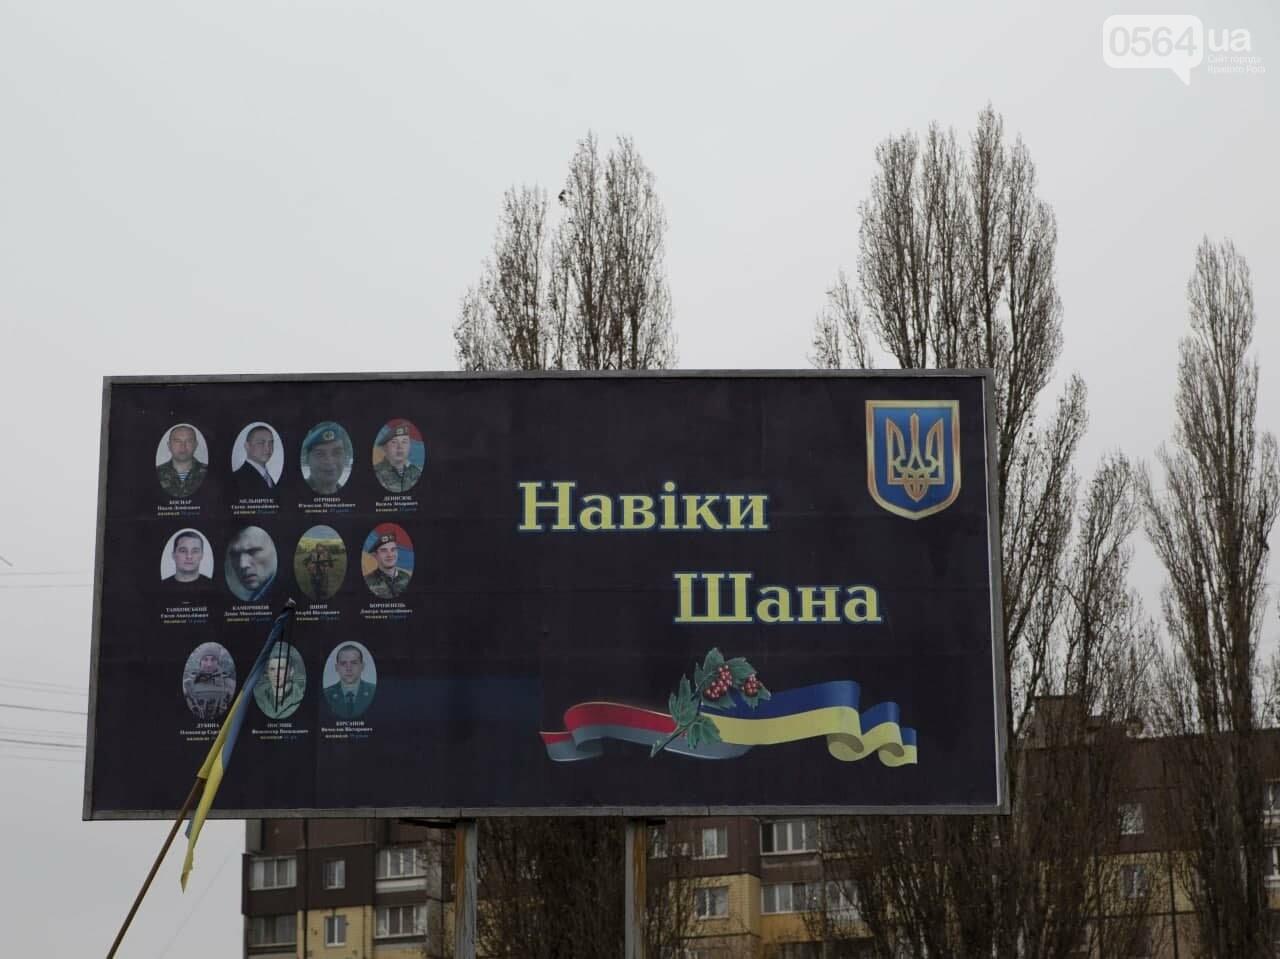 В центре Кривого Рога разместили борд с фотографиями погибших в АТО Героев, - ФОТО , фото-5